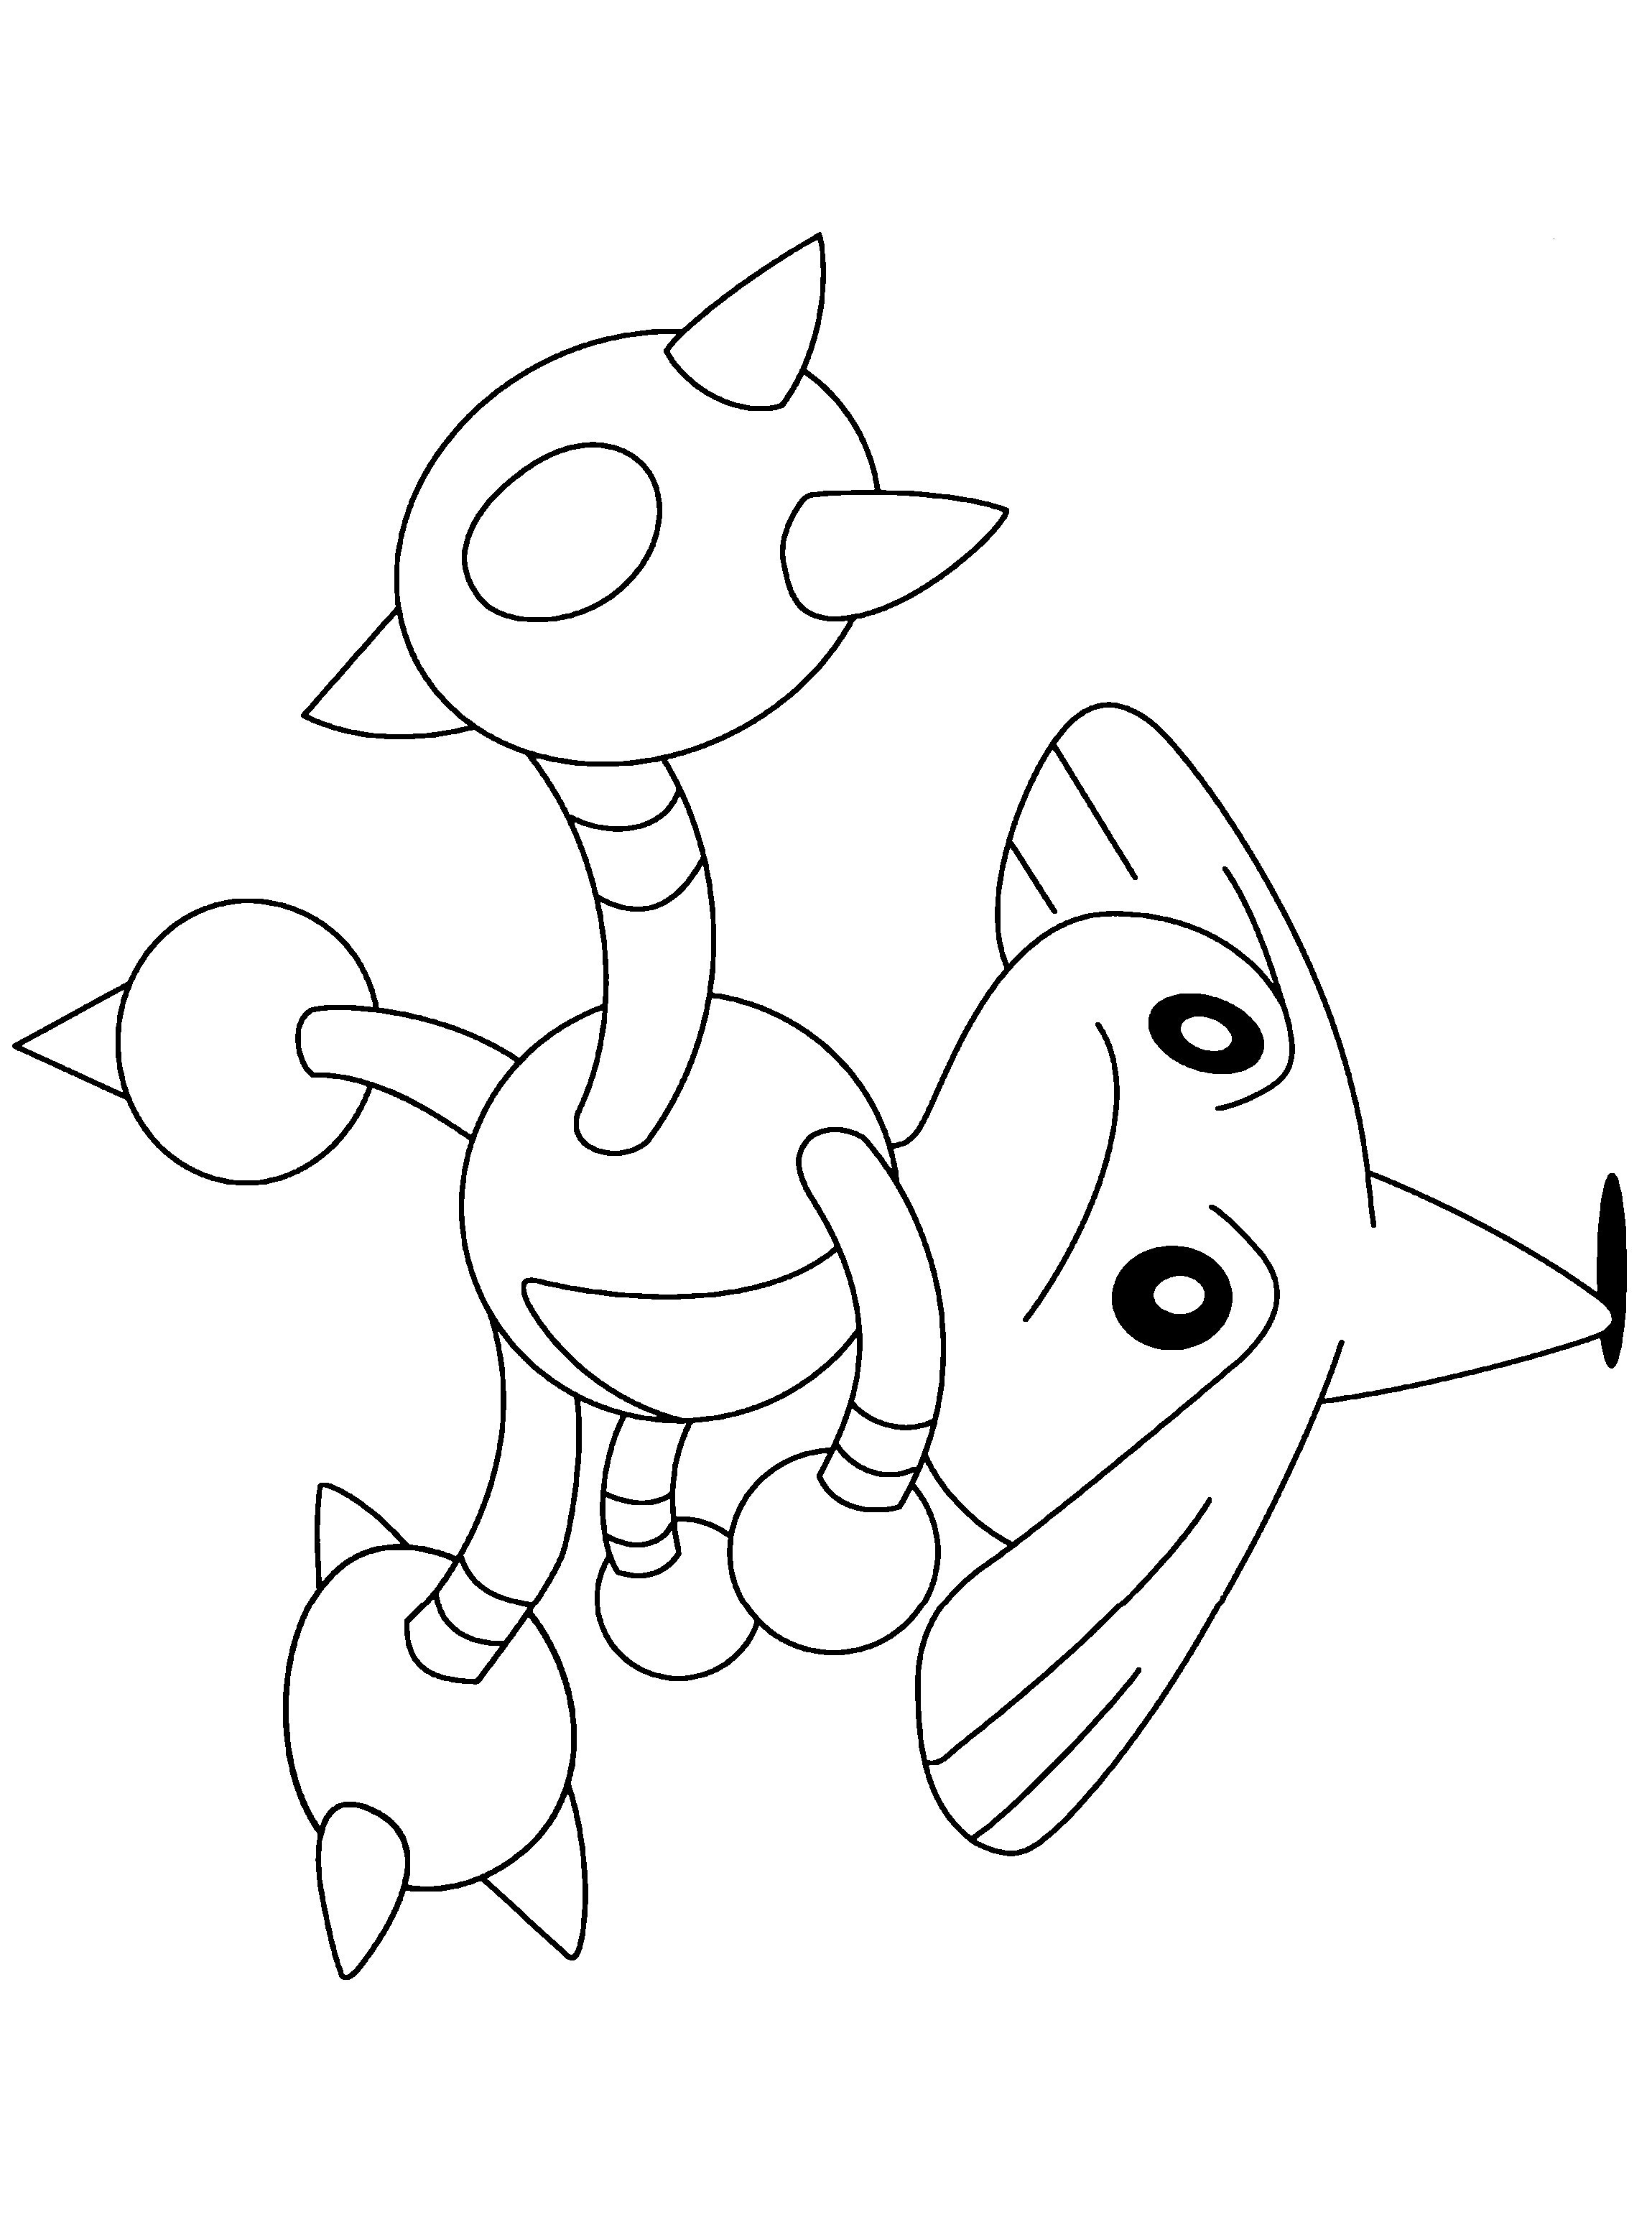 Ausmalbilder Pokemon Go Das Beste Von Pokemon Go Ausmalbilder Neu Piratenbilder Zum Ausmalen Fotos